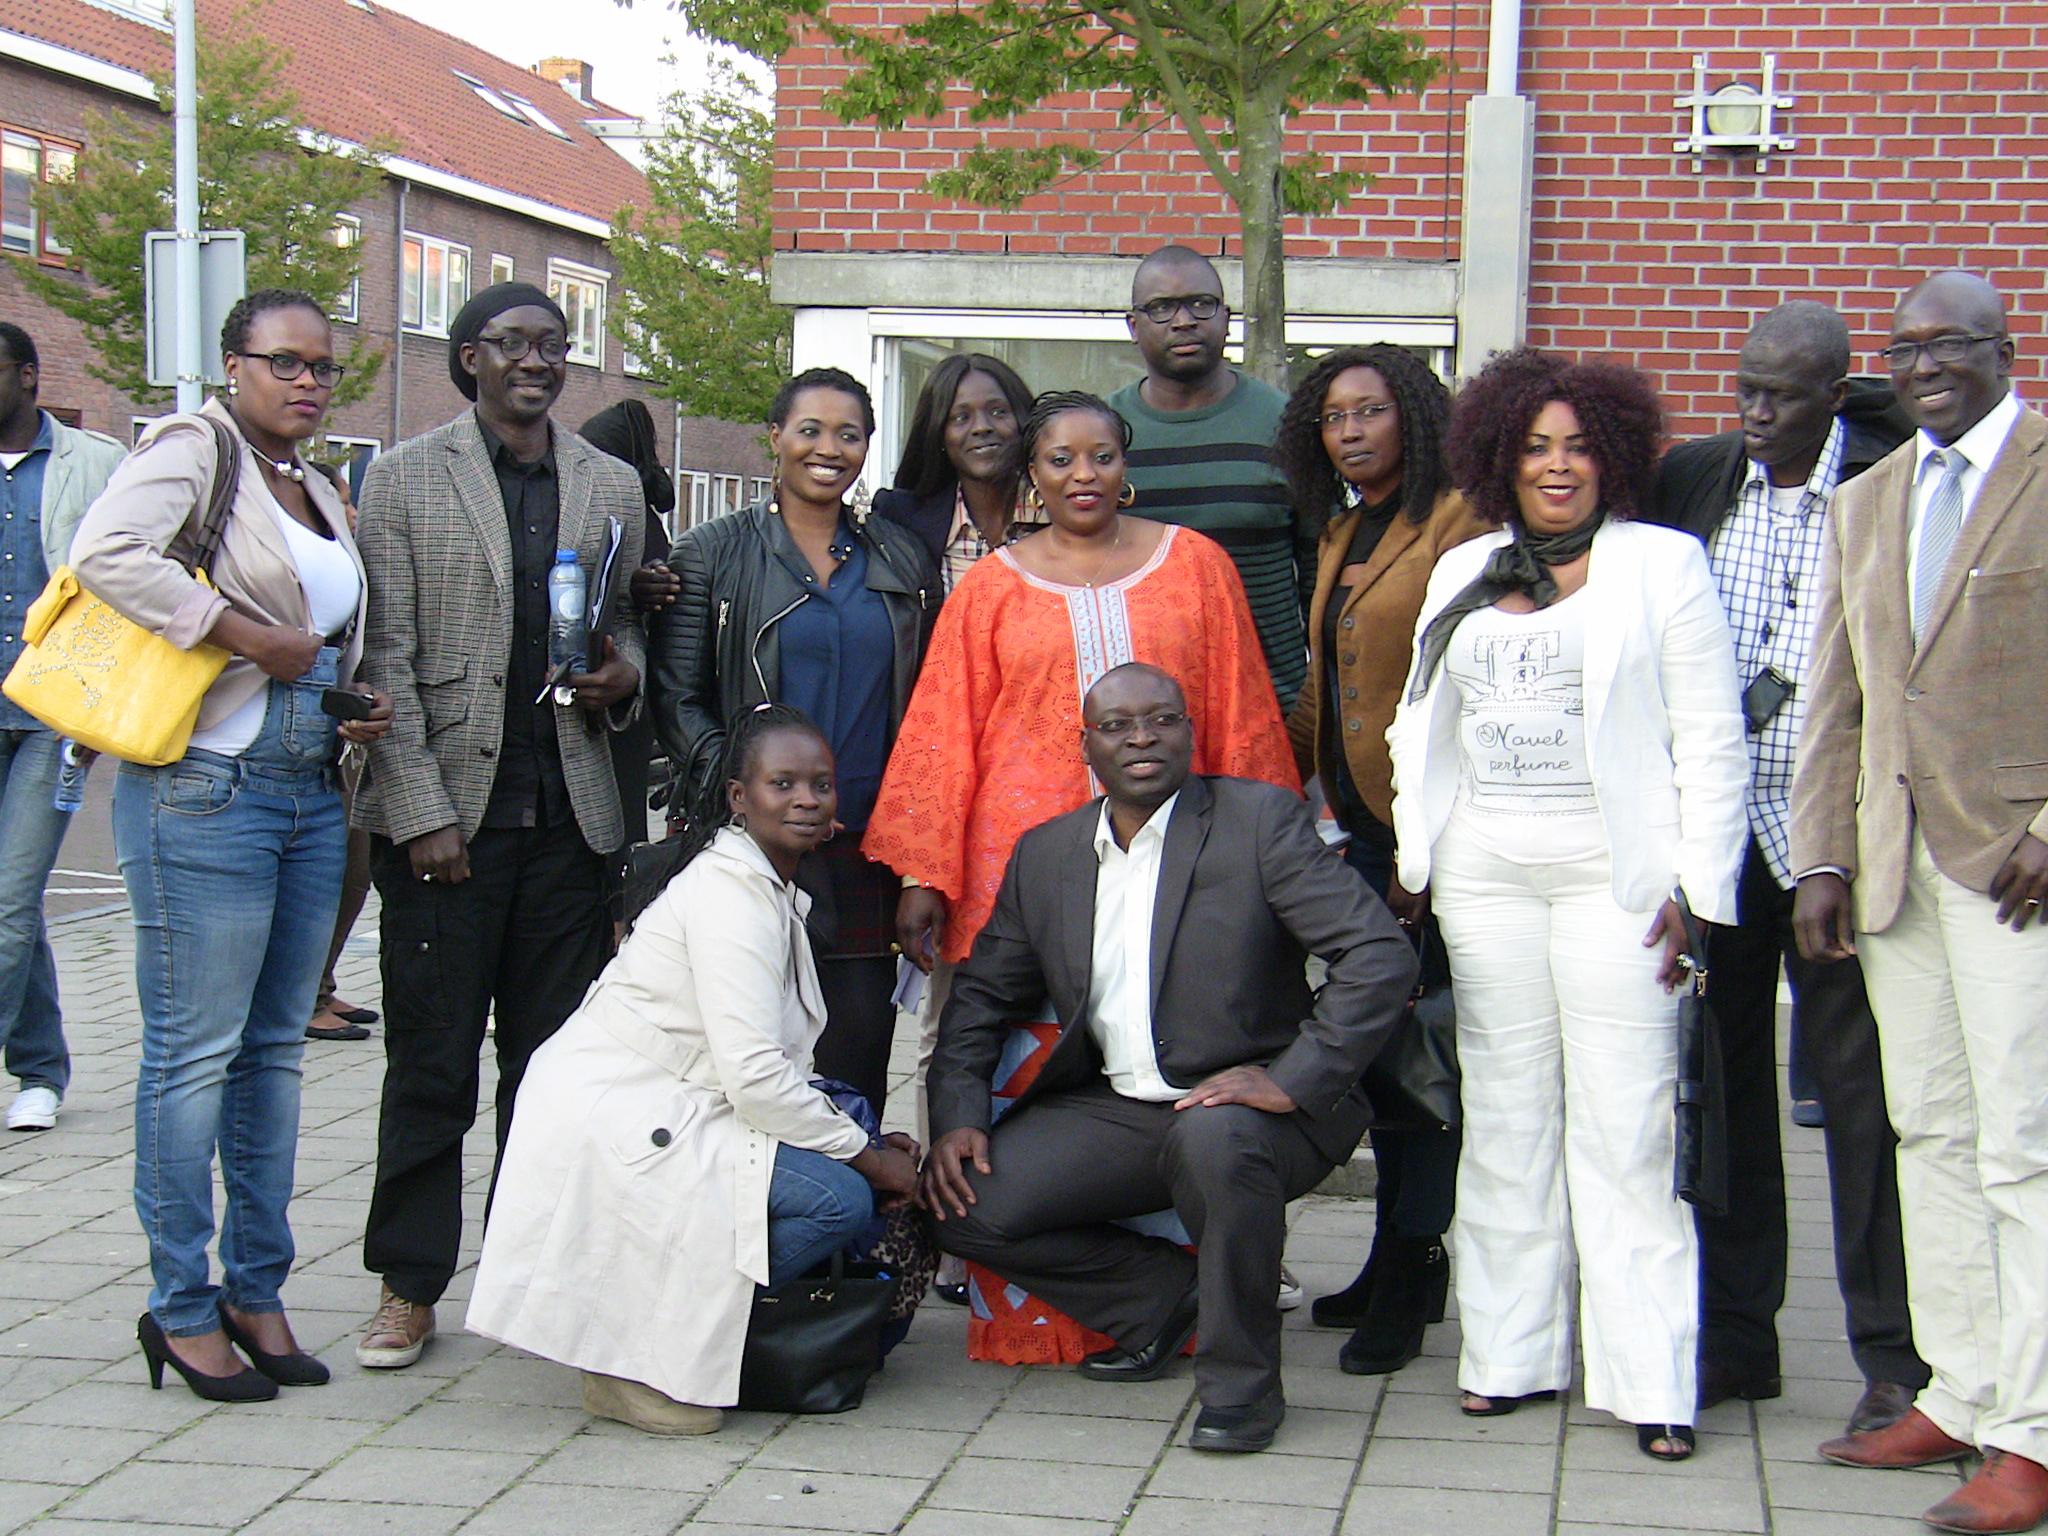 L'Apr-Pays-Bas entame une phase de mobilisation en vue de la présidentielle de 2017